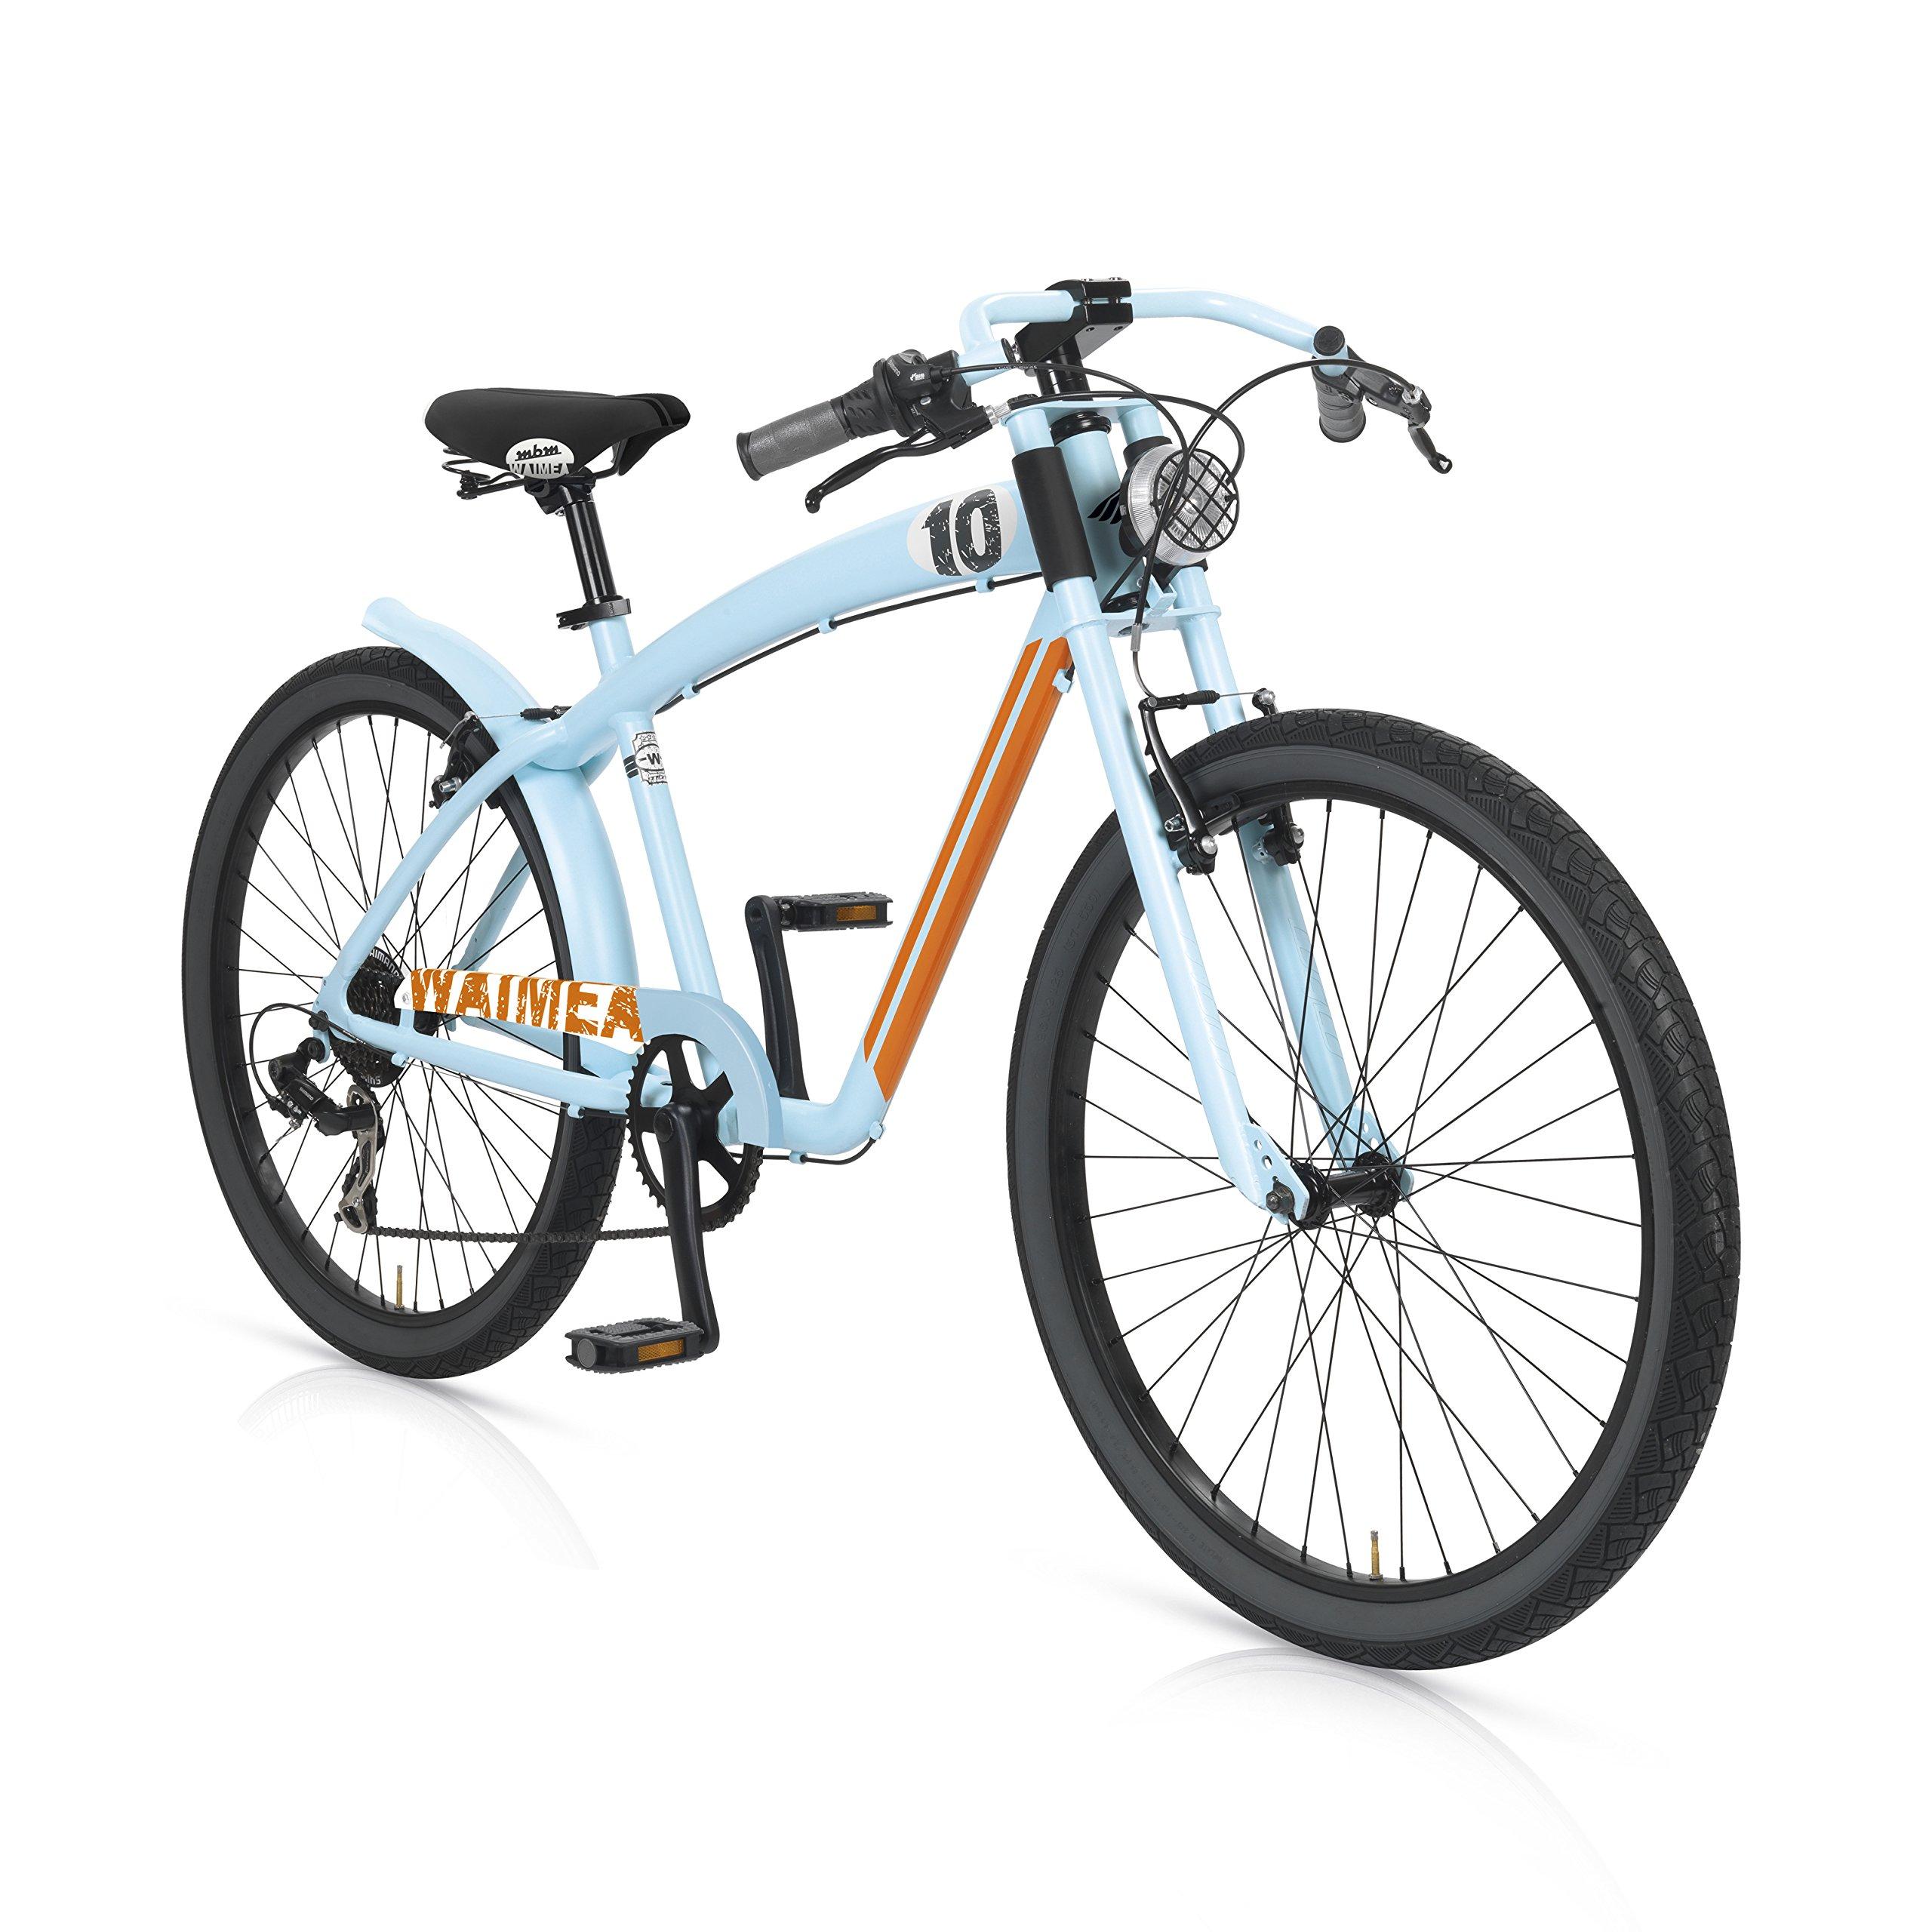 MBM Waimea - Bicicleta de Paseo para Hombre de 7 velocidades ...